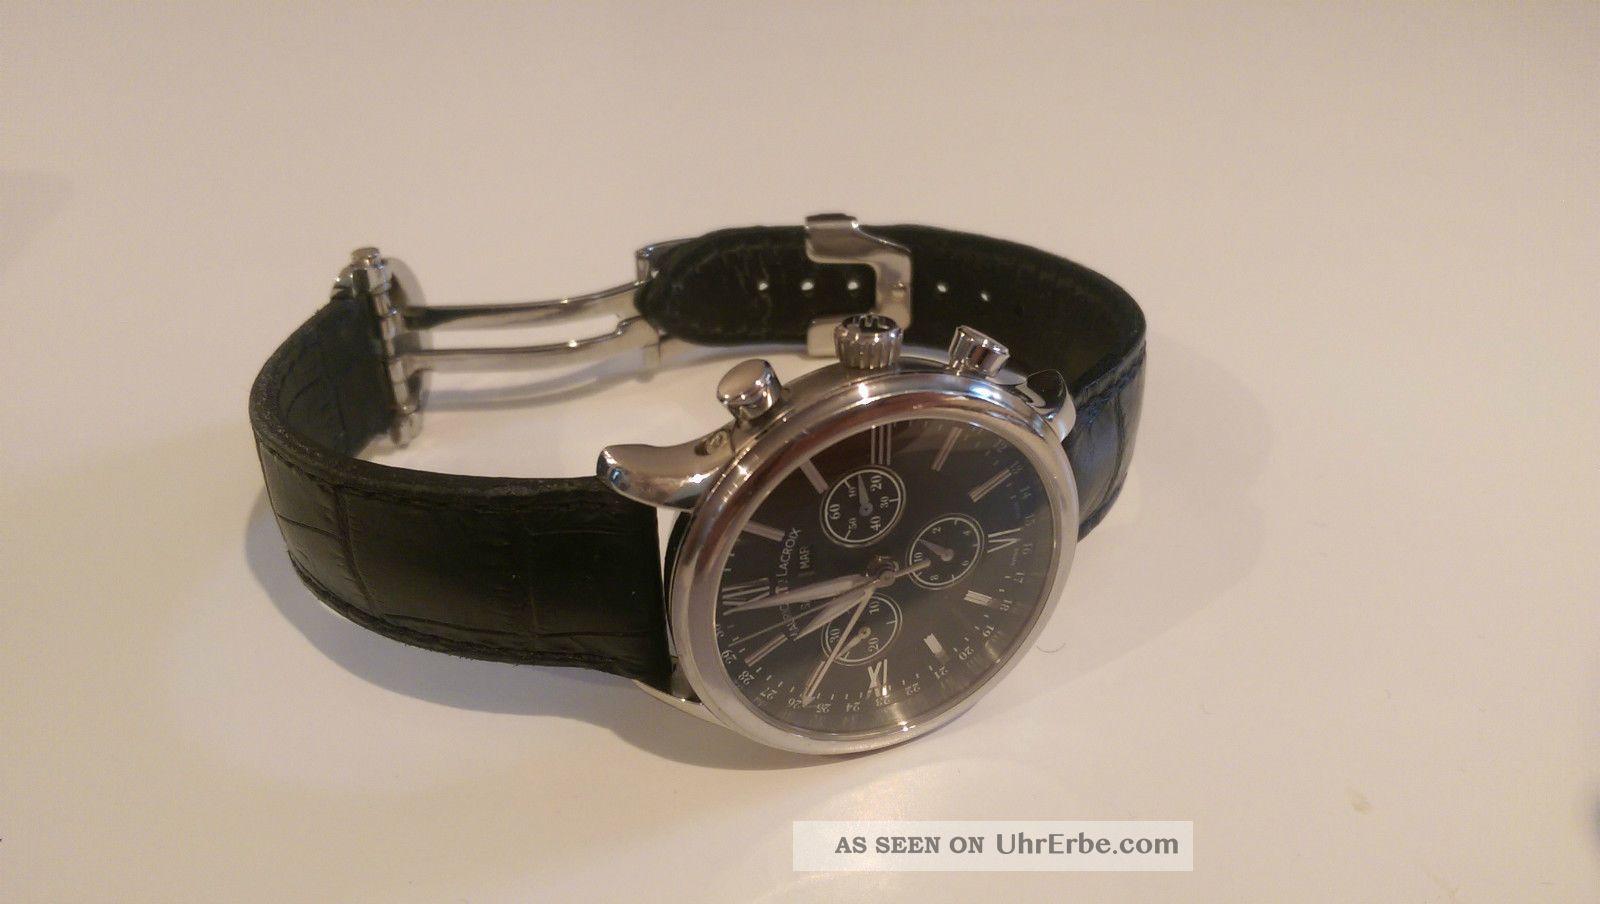 Maurice Lacroix Les Classique Chronograph Lc - 1098 Armbanduhren Bild